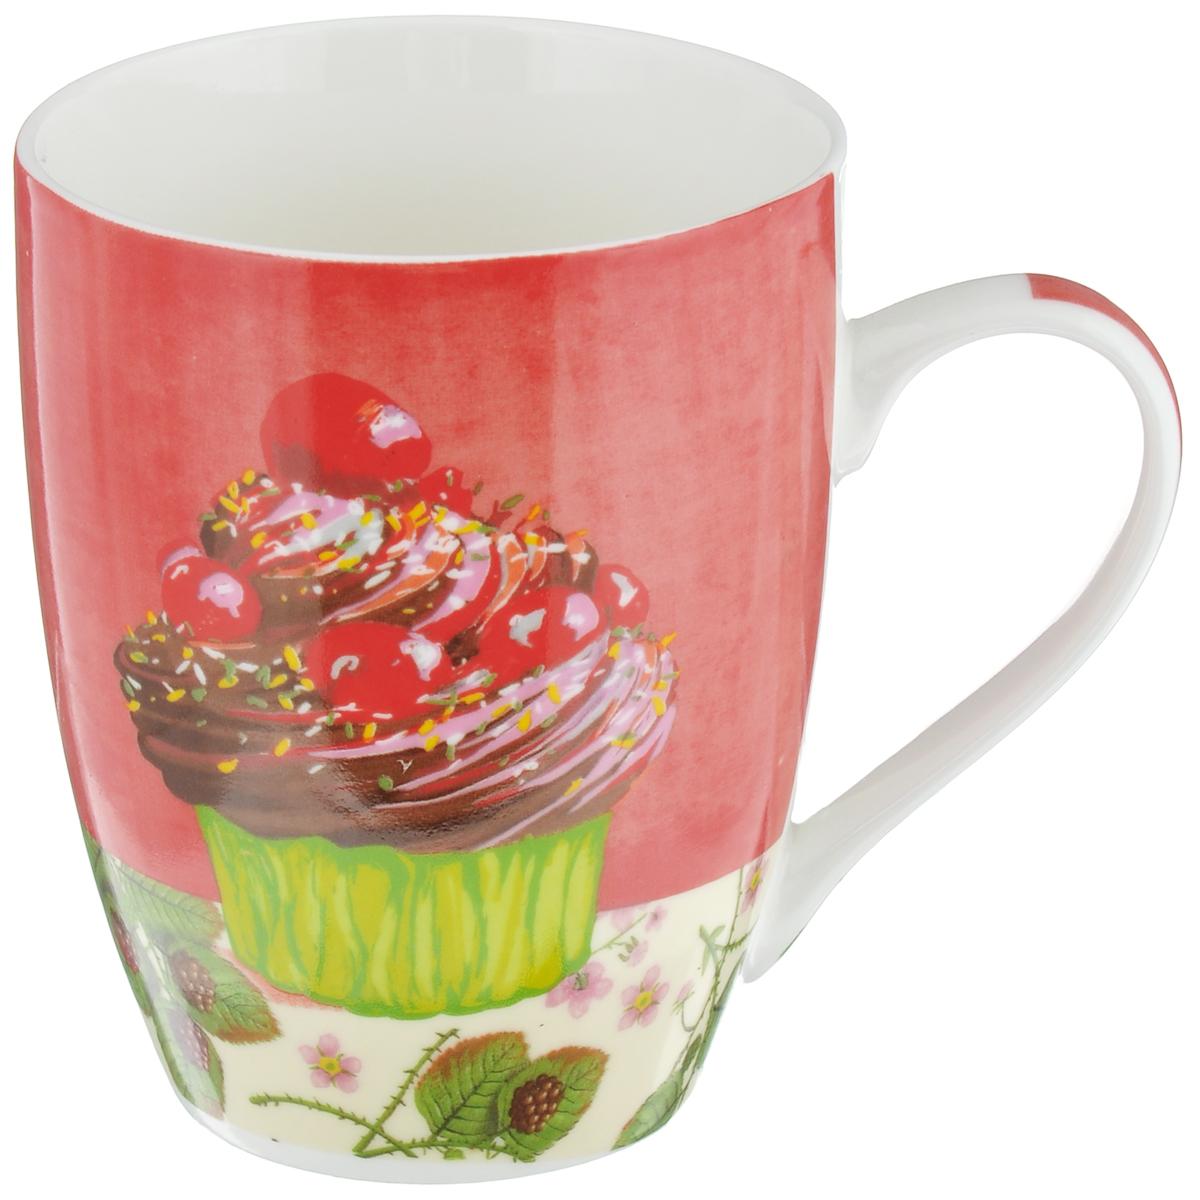 Кружка Ягодный десерт, цвет: красный, 335 млLQB09-H01Кружка Ягодный десерт изготовлена из высококачественного фарфора, покрытого слоем сверкающей глазури. Внешние стенки изделия оформлены красочным изображением пирожного с ягодами. Такая кружка прекрасно подойдет для горячих и холодных напитков. Она дополнит коллекцию вашей кухонной посуды и будет служить долгие годы. Можно использовать в посудомоечной машине и СВЧ. Объем кружки: 335 мл. Диаметр кружки (по верхнему краю): 8 см. Высота стенки кружки: 10,5 см.